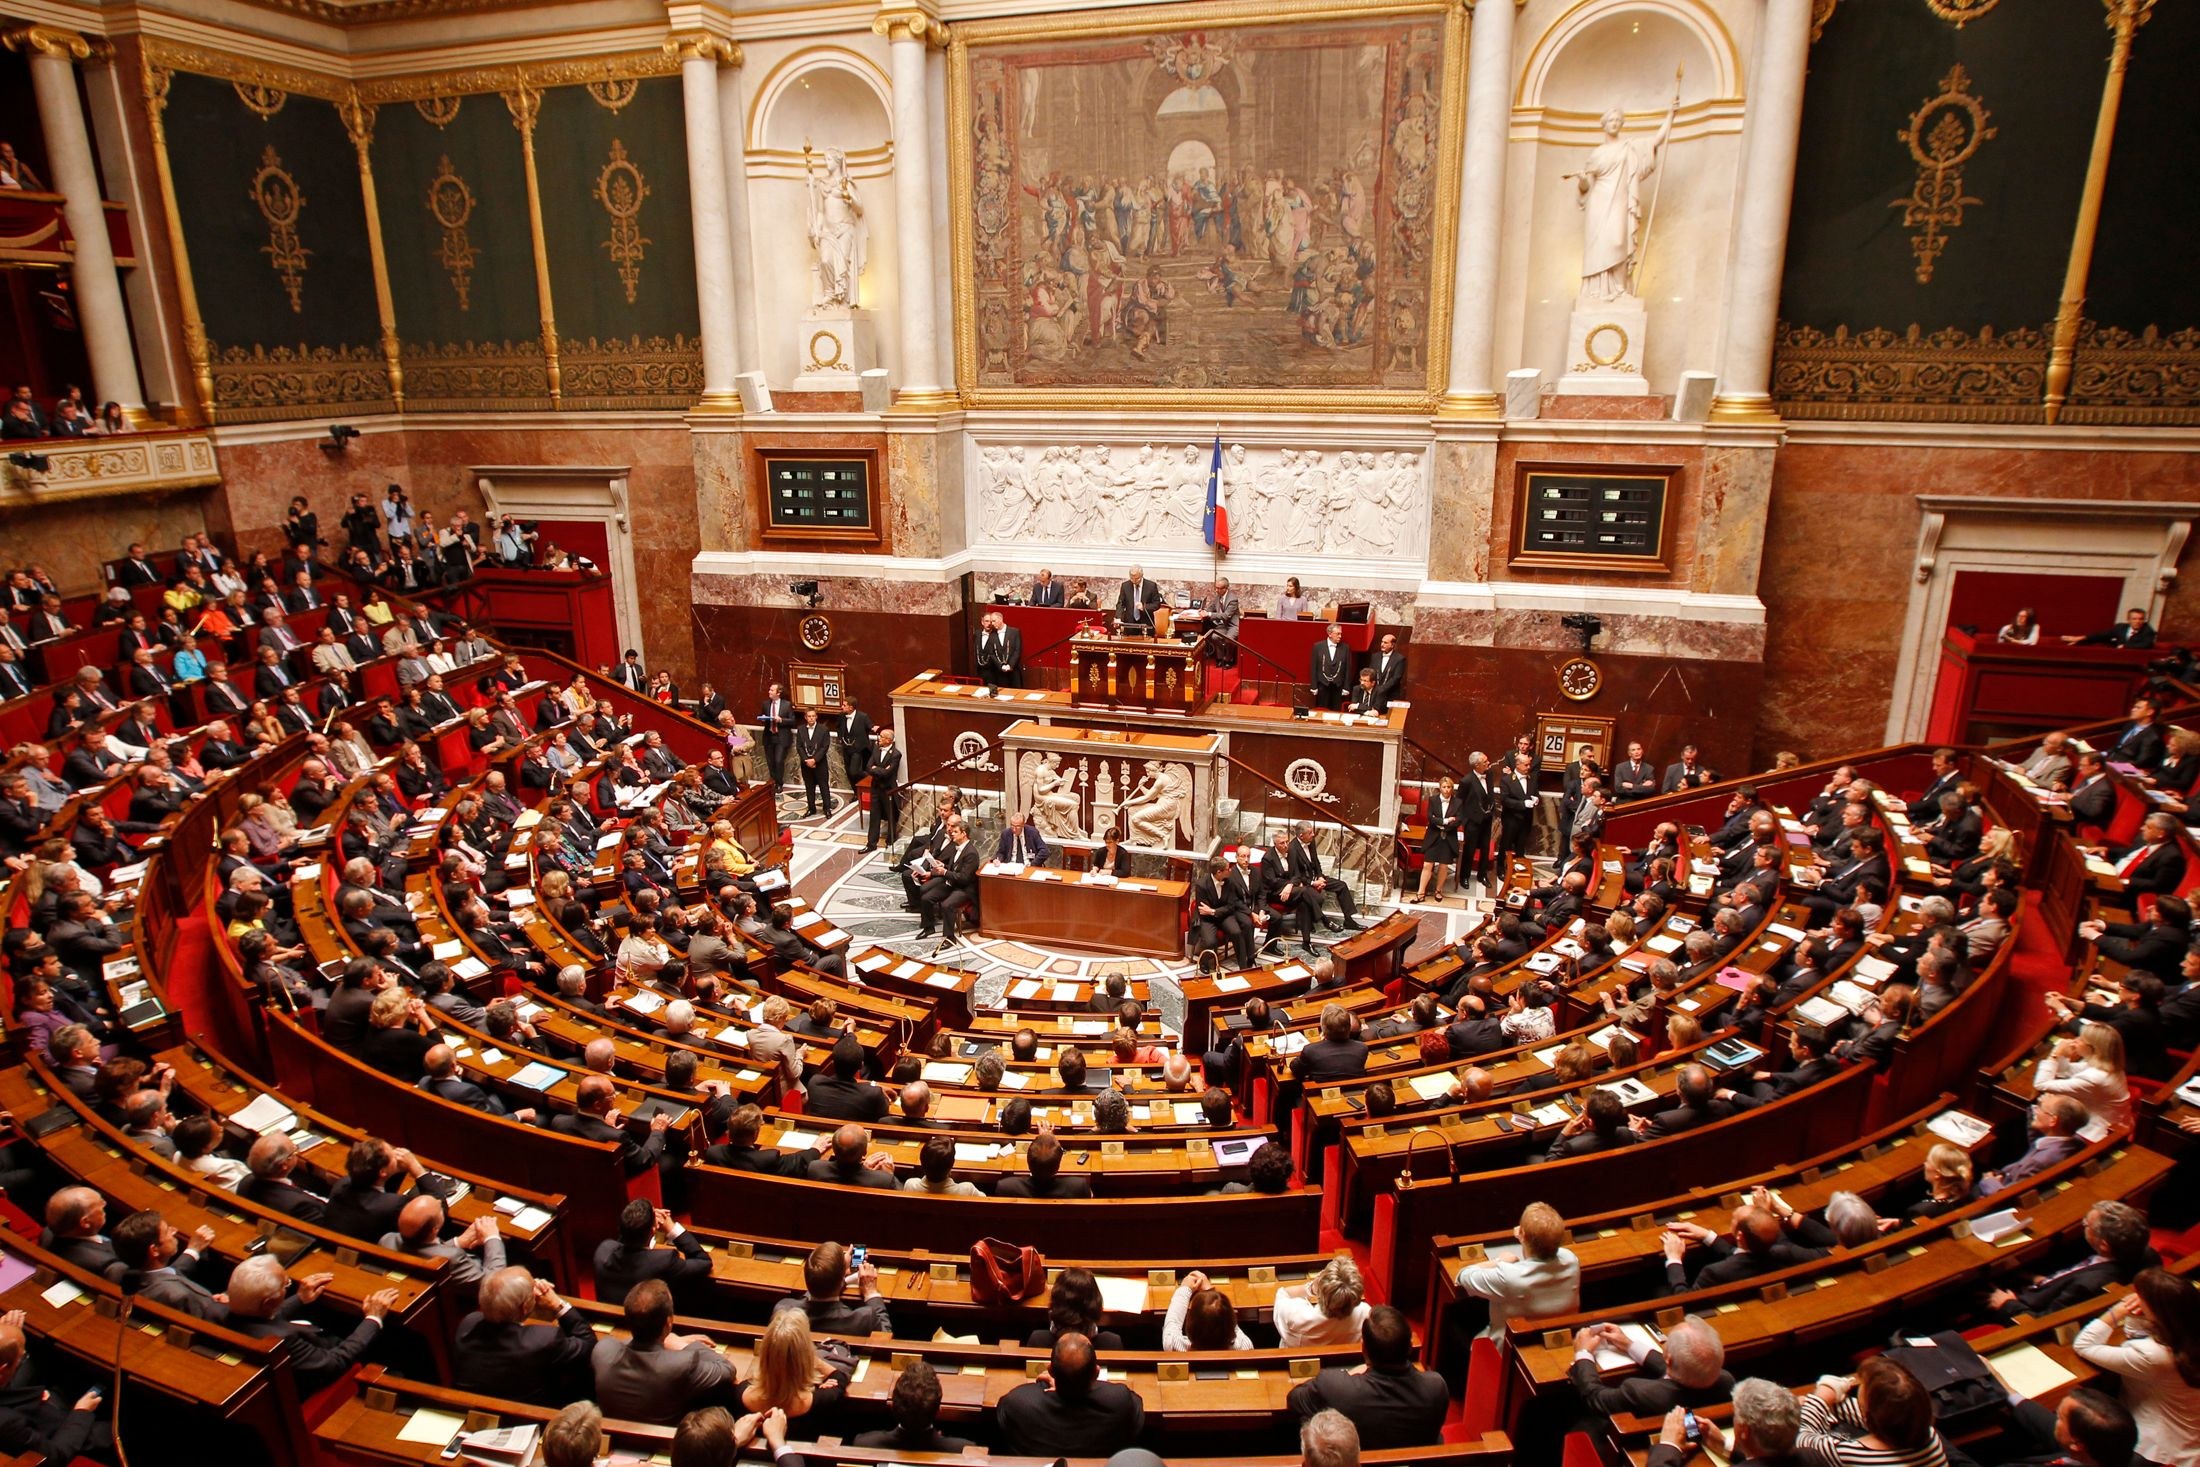 Les députés ont rejeté la motion de censure déposée contre le gouvernement de Jean-Marc Ayrault.